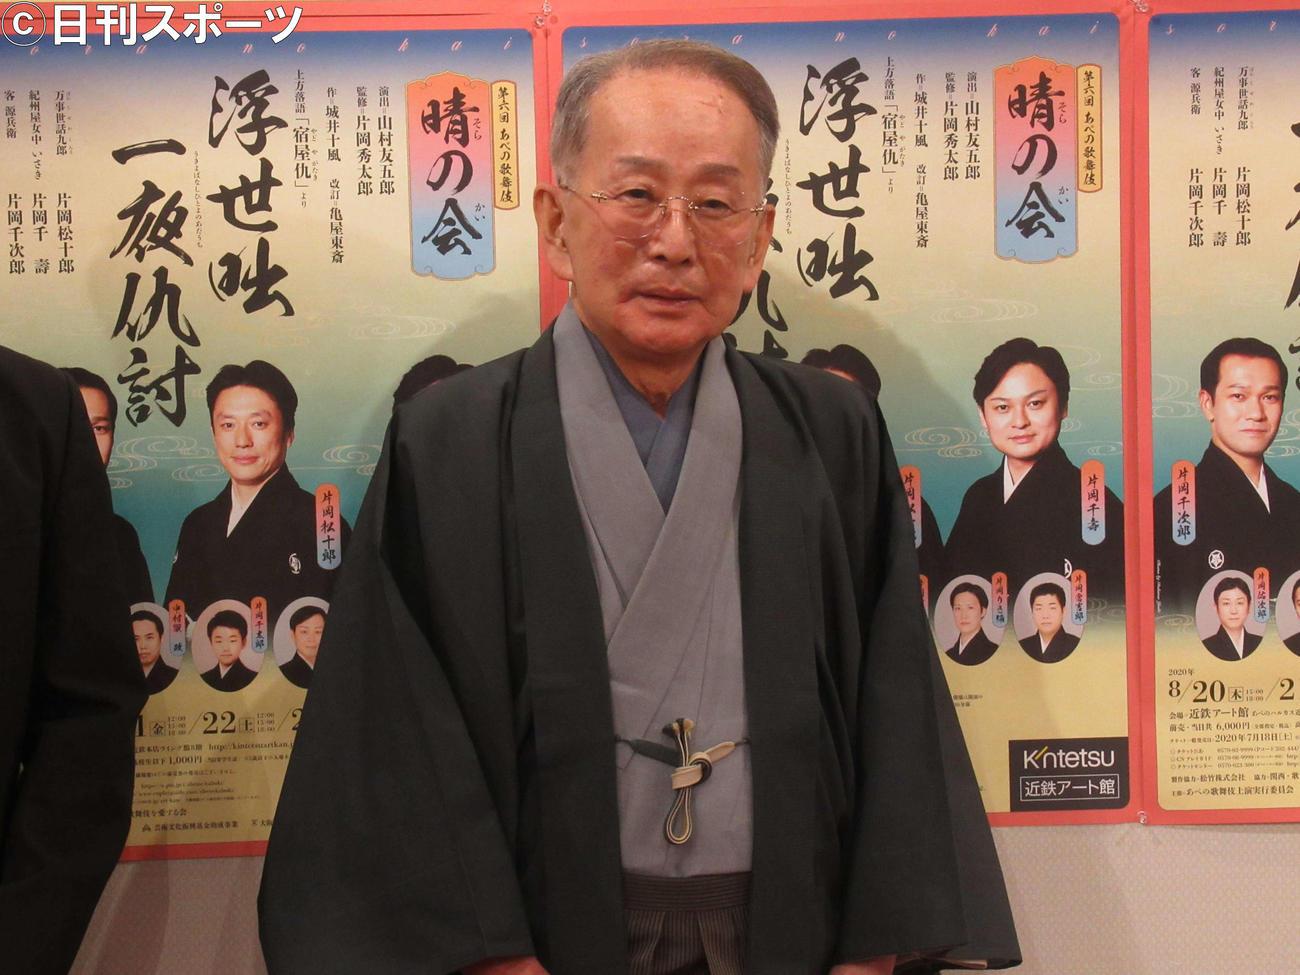 「第6回あべの歌舞伎『晴の会』」の会見に出席した片岡秀太郎(撮影・星名希実)